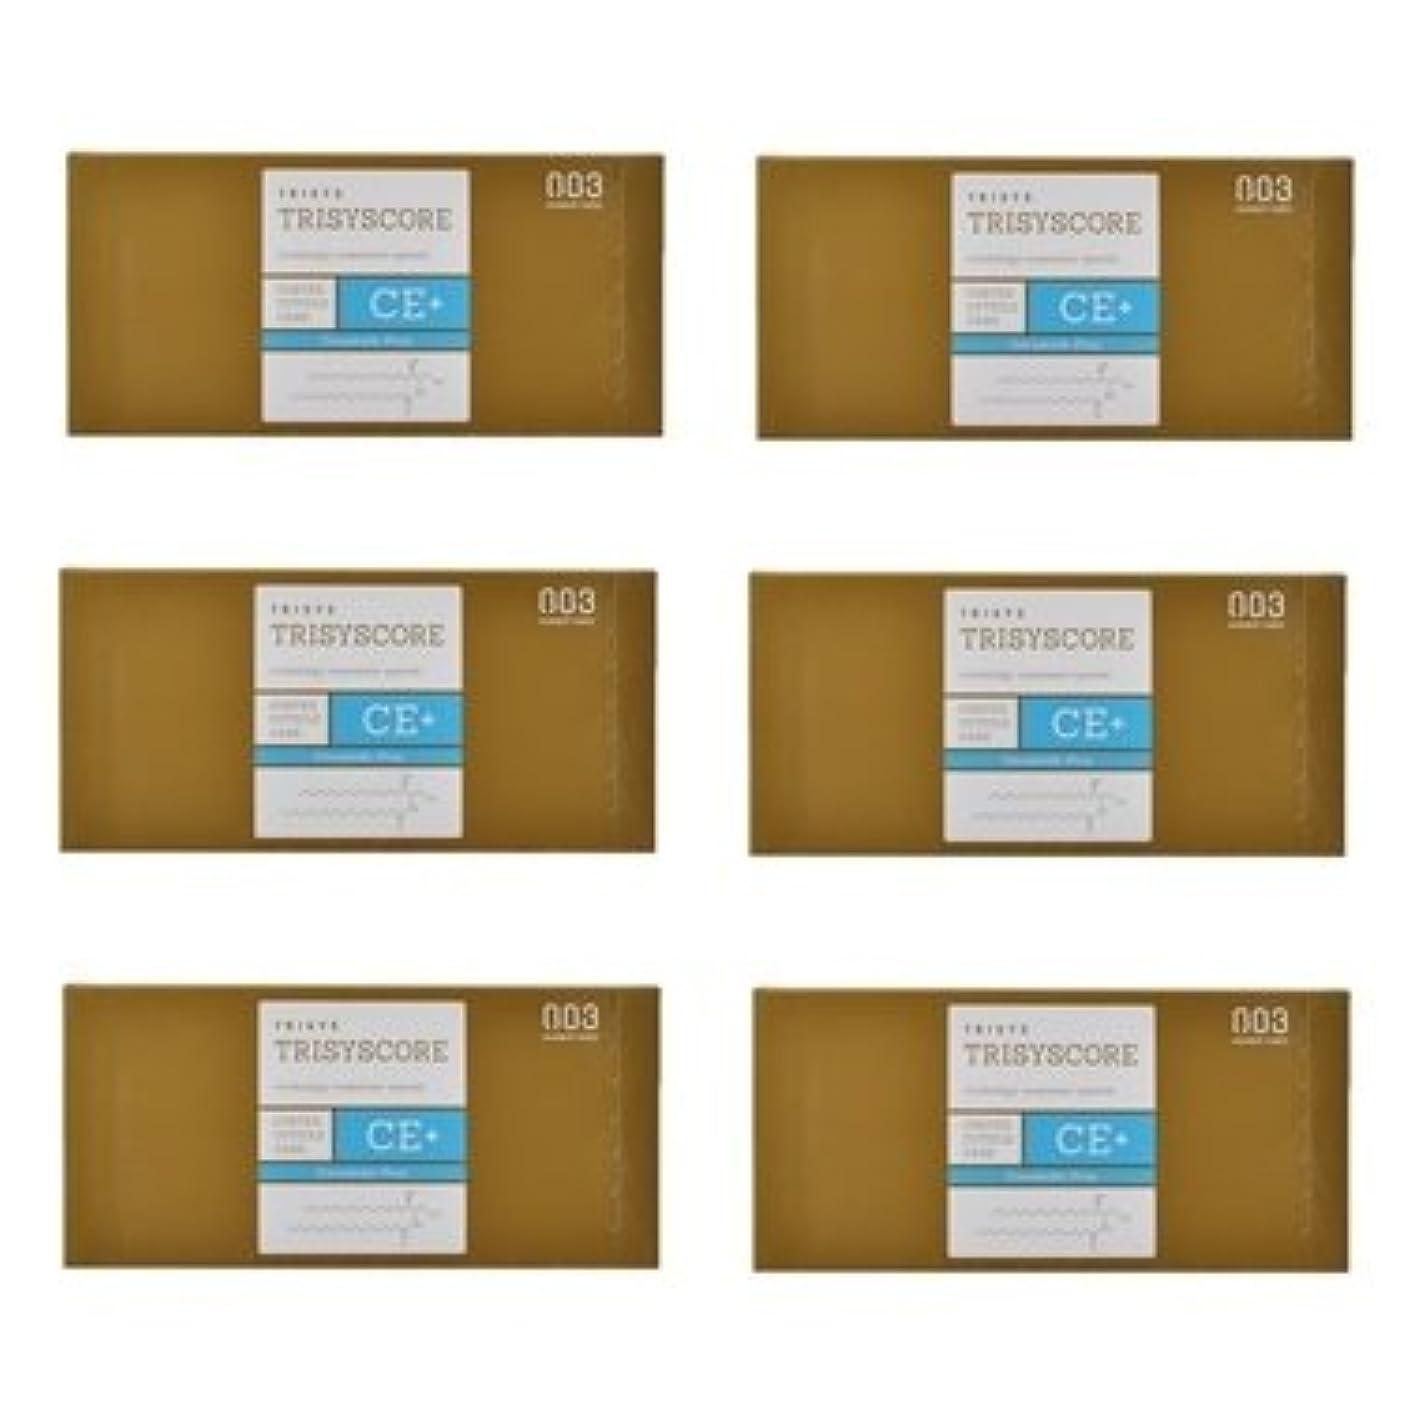 待ってリネン優しい【X6個セット】ナンバースリー トリシスコア CEプラス (ヘアトリートメント) 12g × 4包入り